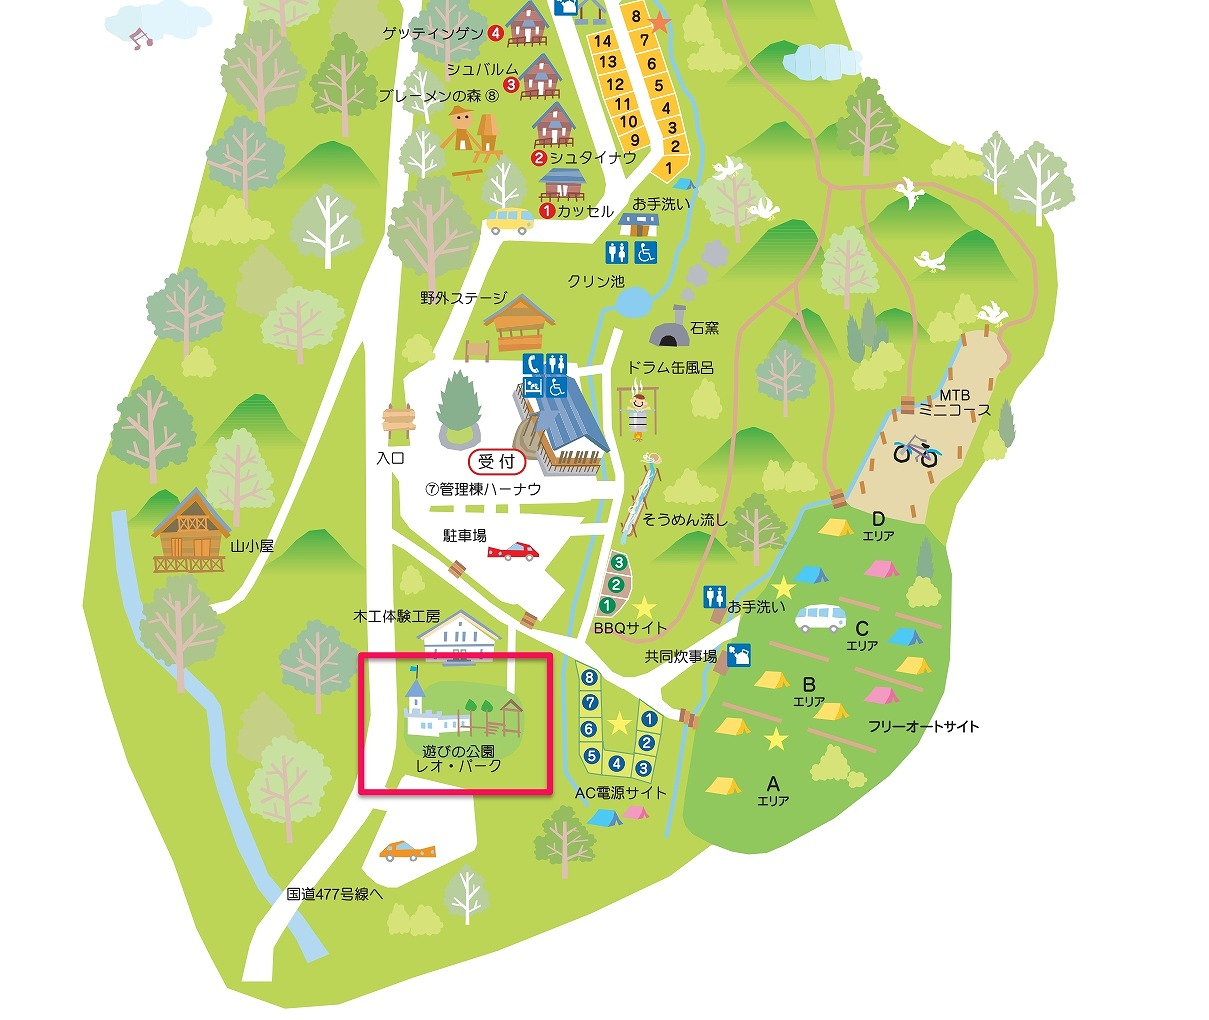 遊びの公園レオパークの場所